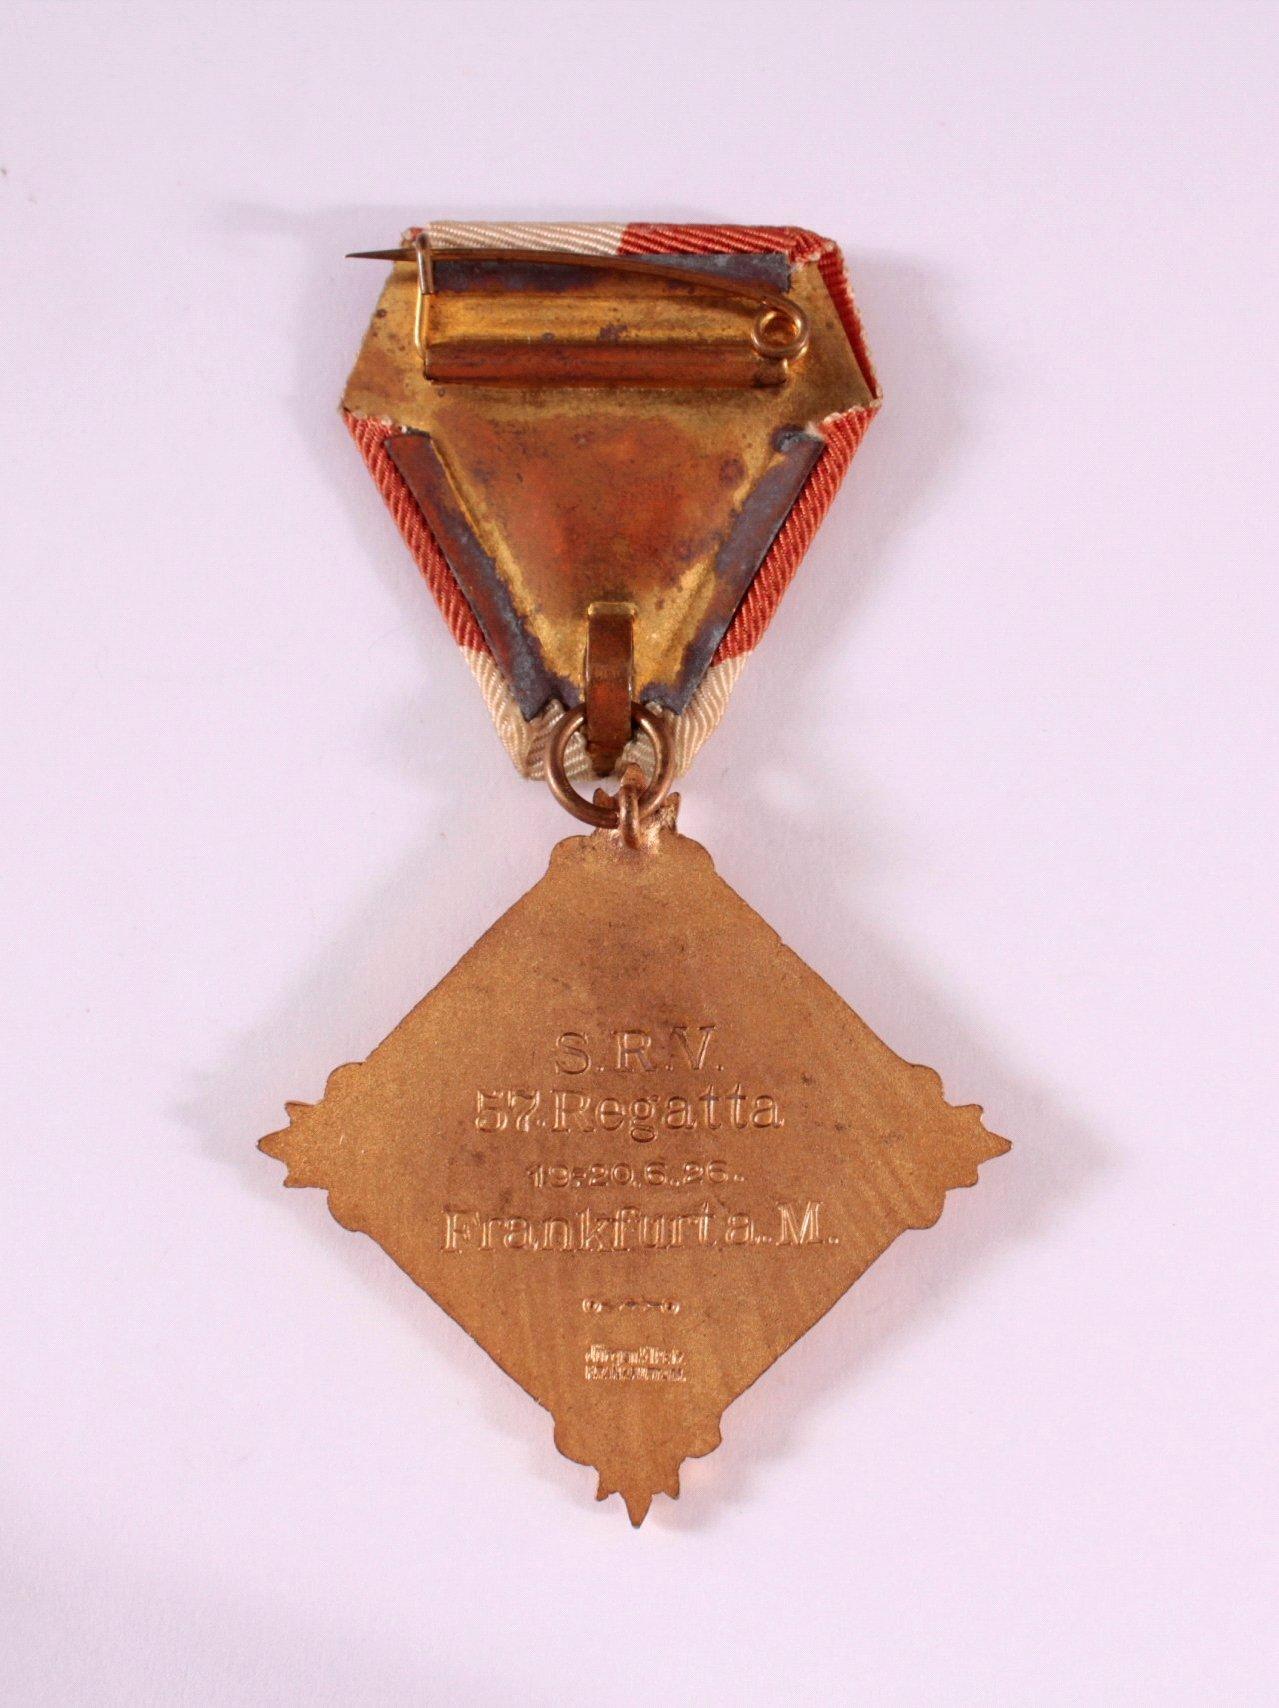 Abzeichen 57. SRV Regatta Frankfurt 1926-1